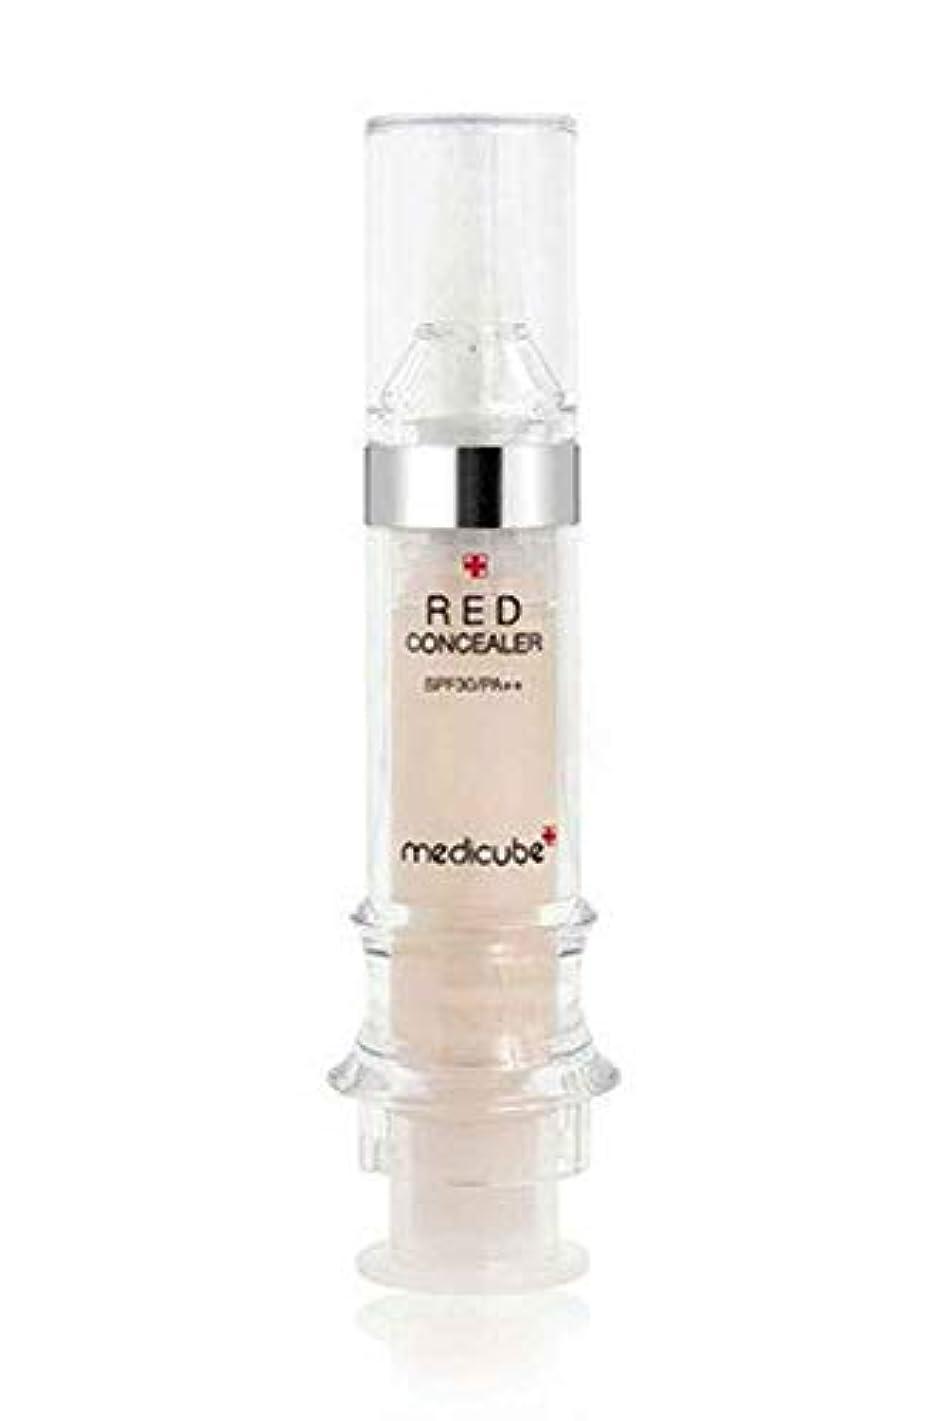 インデックス小屋受け入れメディキューブ【Medicube】Red Red Concealer 5.5ml メディキューブ レッドコンシーラー [並行輸入品] (#23)